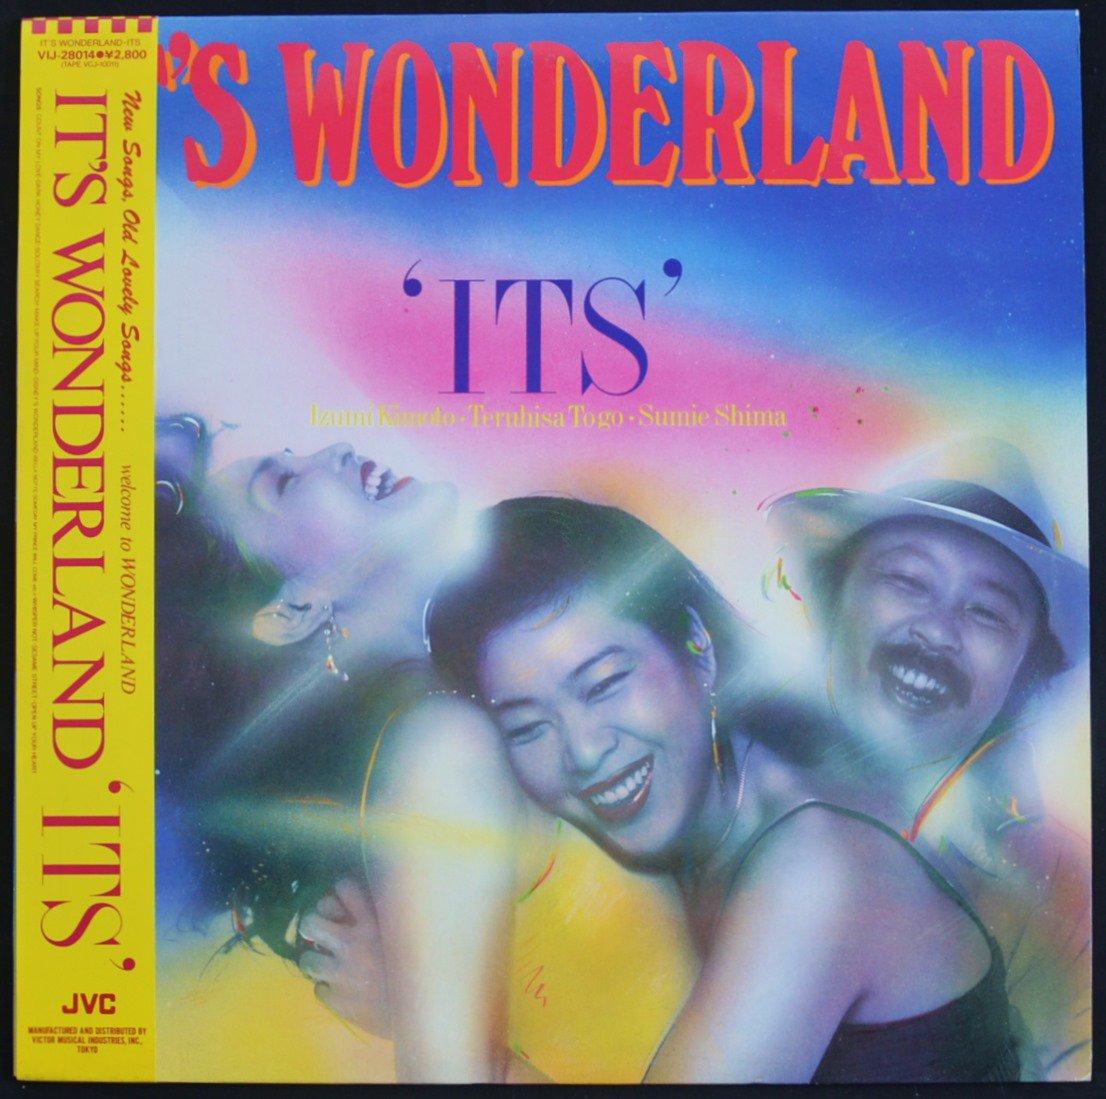 イッツ / ITS / IT'S WONDERLAND (LP)